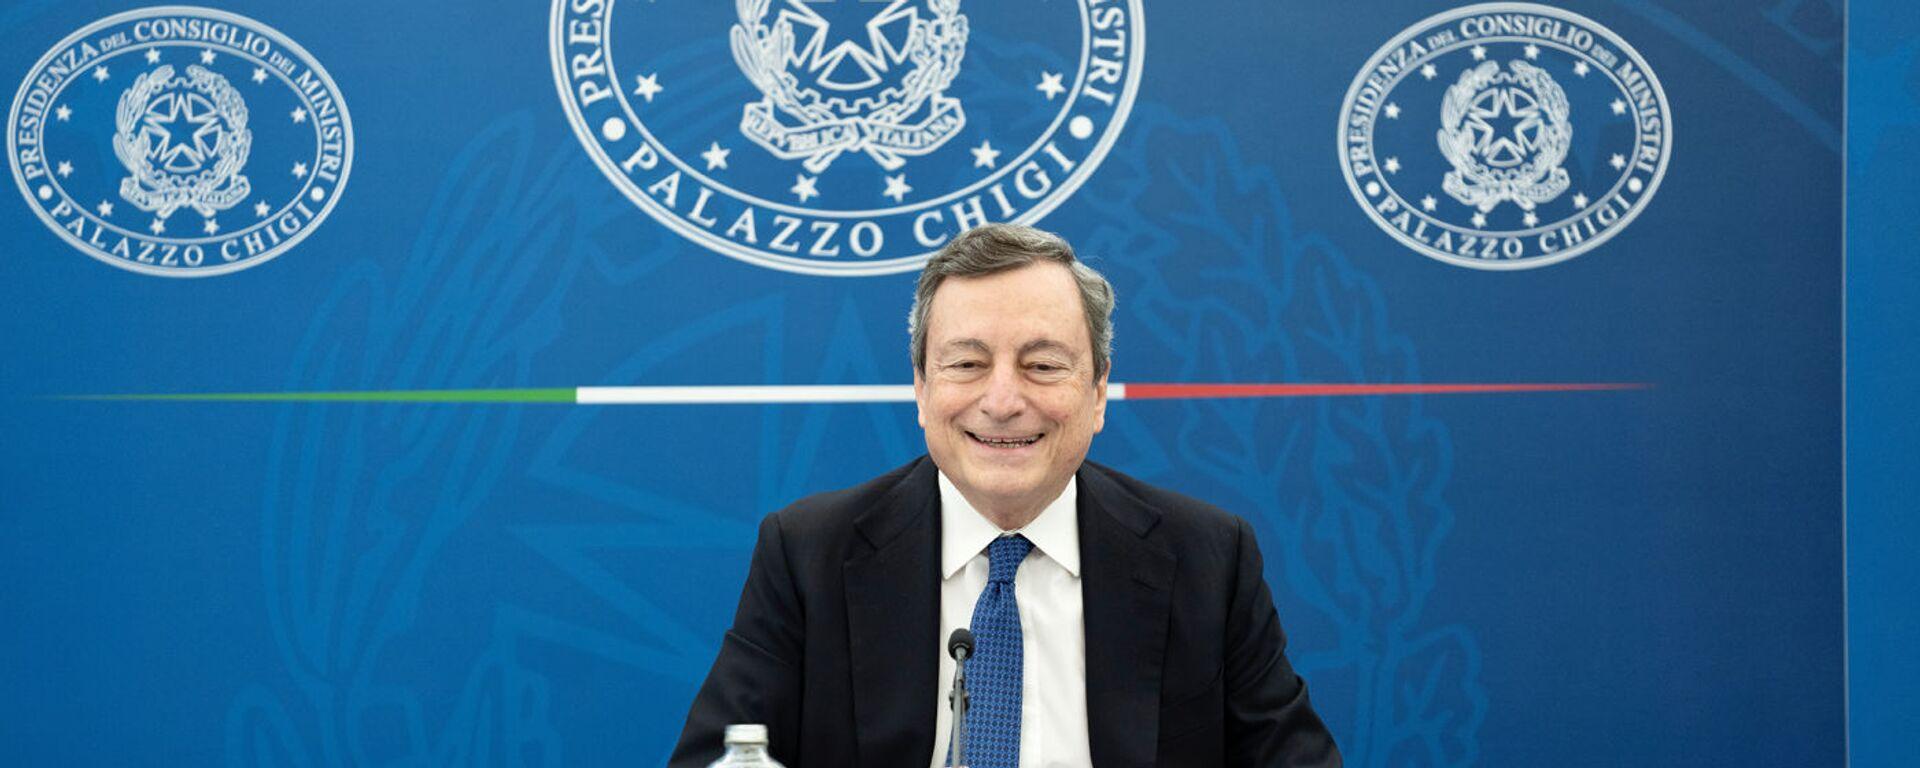 Il premier Mario Draghi - Sputnik Italia, 1920, 24.04.2021